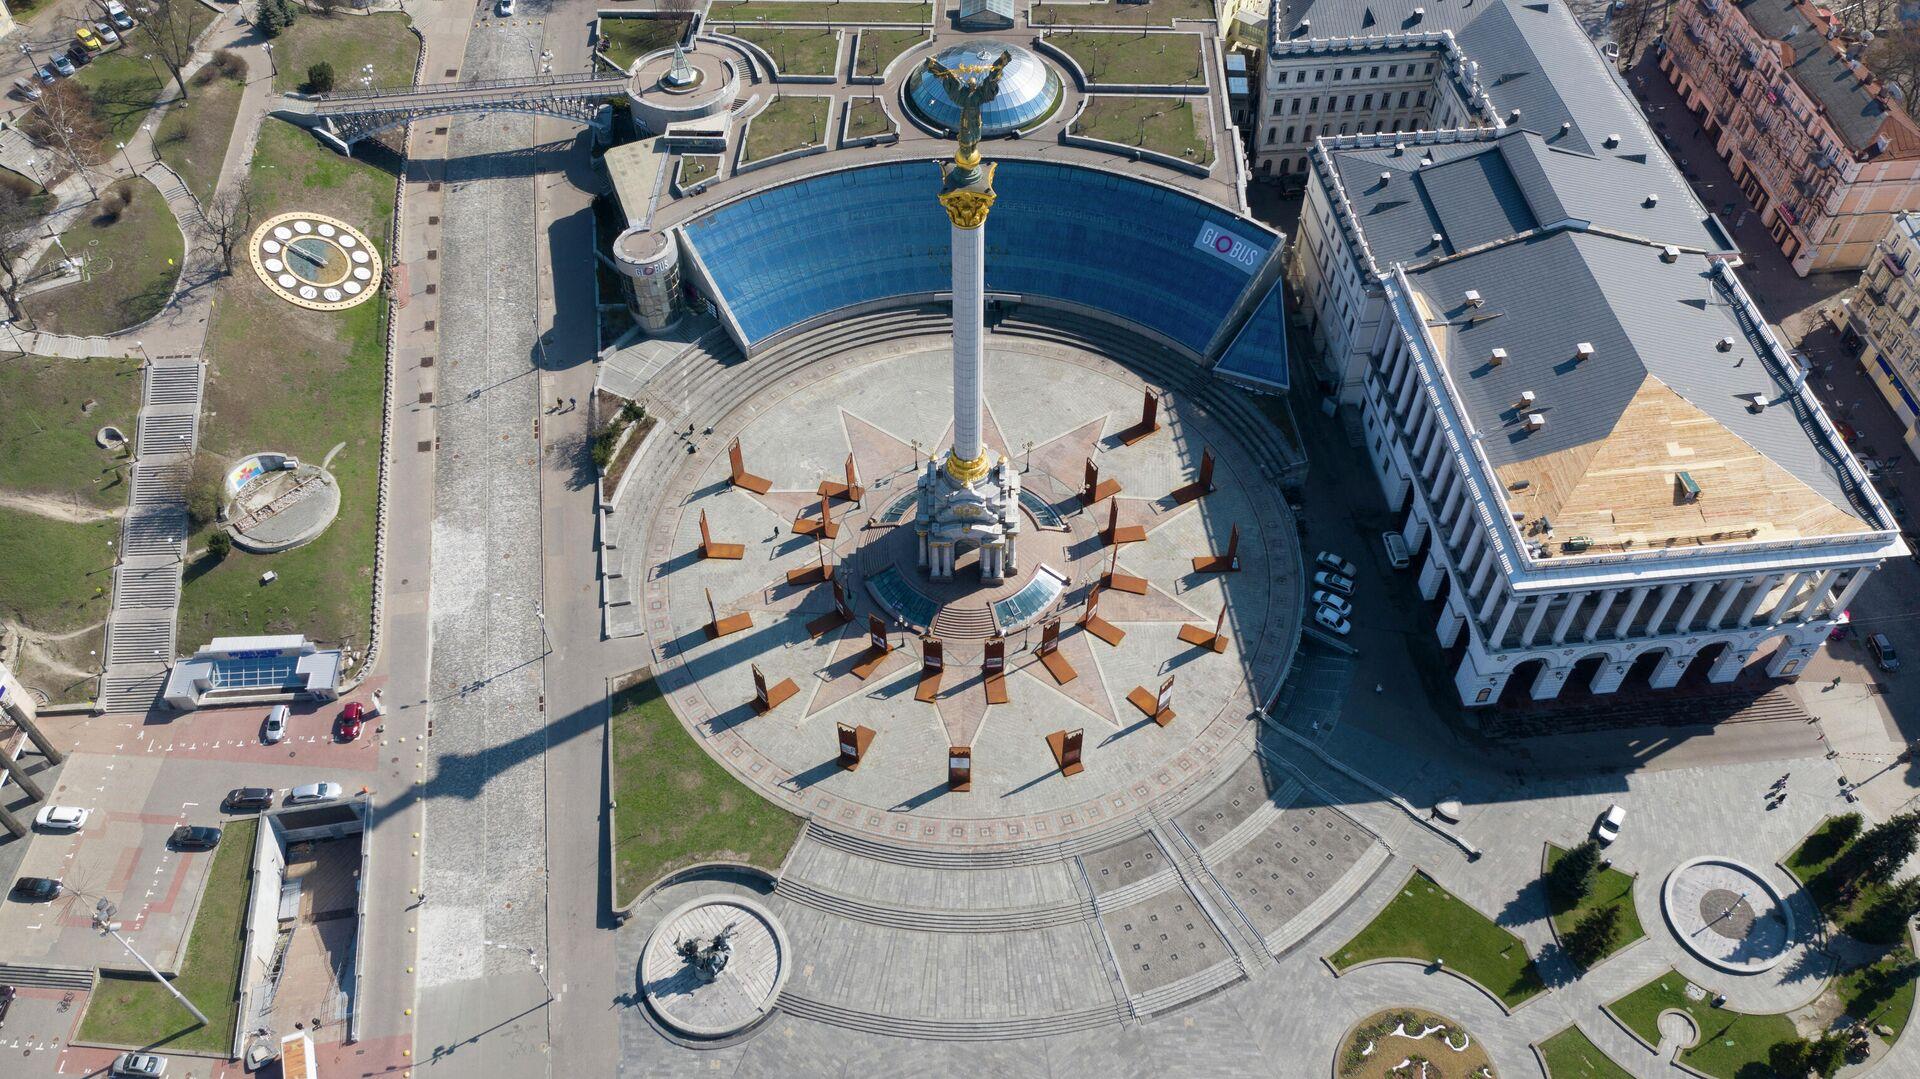 Вид на Площадь Независимости в Киеве, Украина - РИА Новости, 1920, 27.11.2020